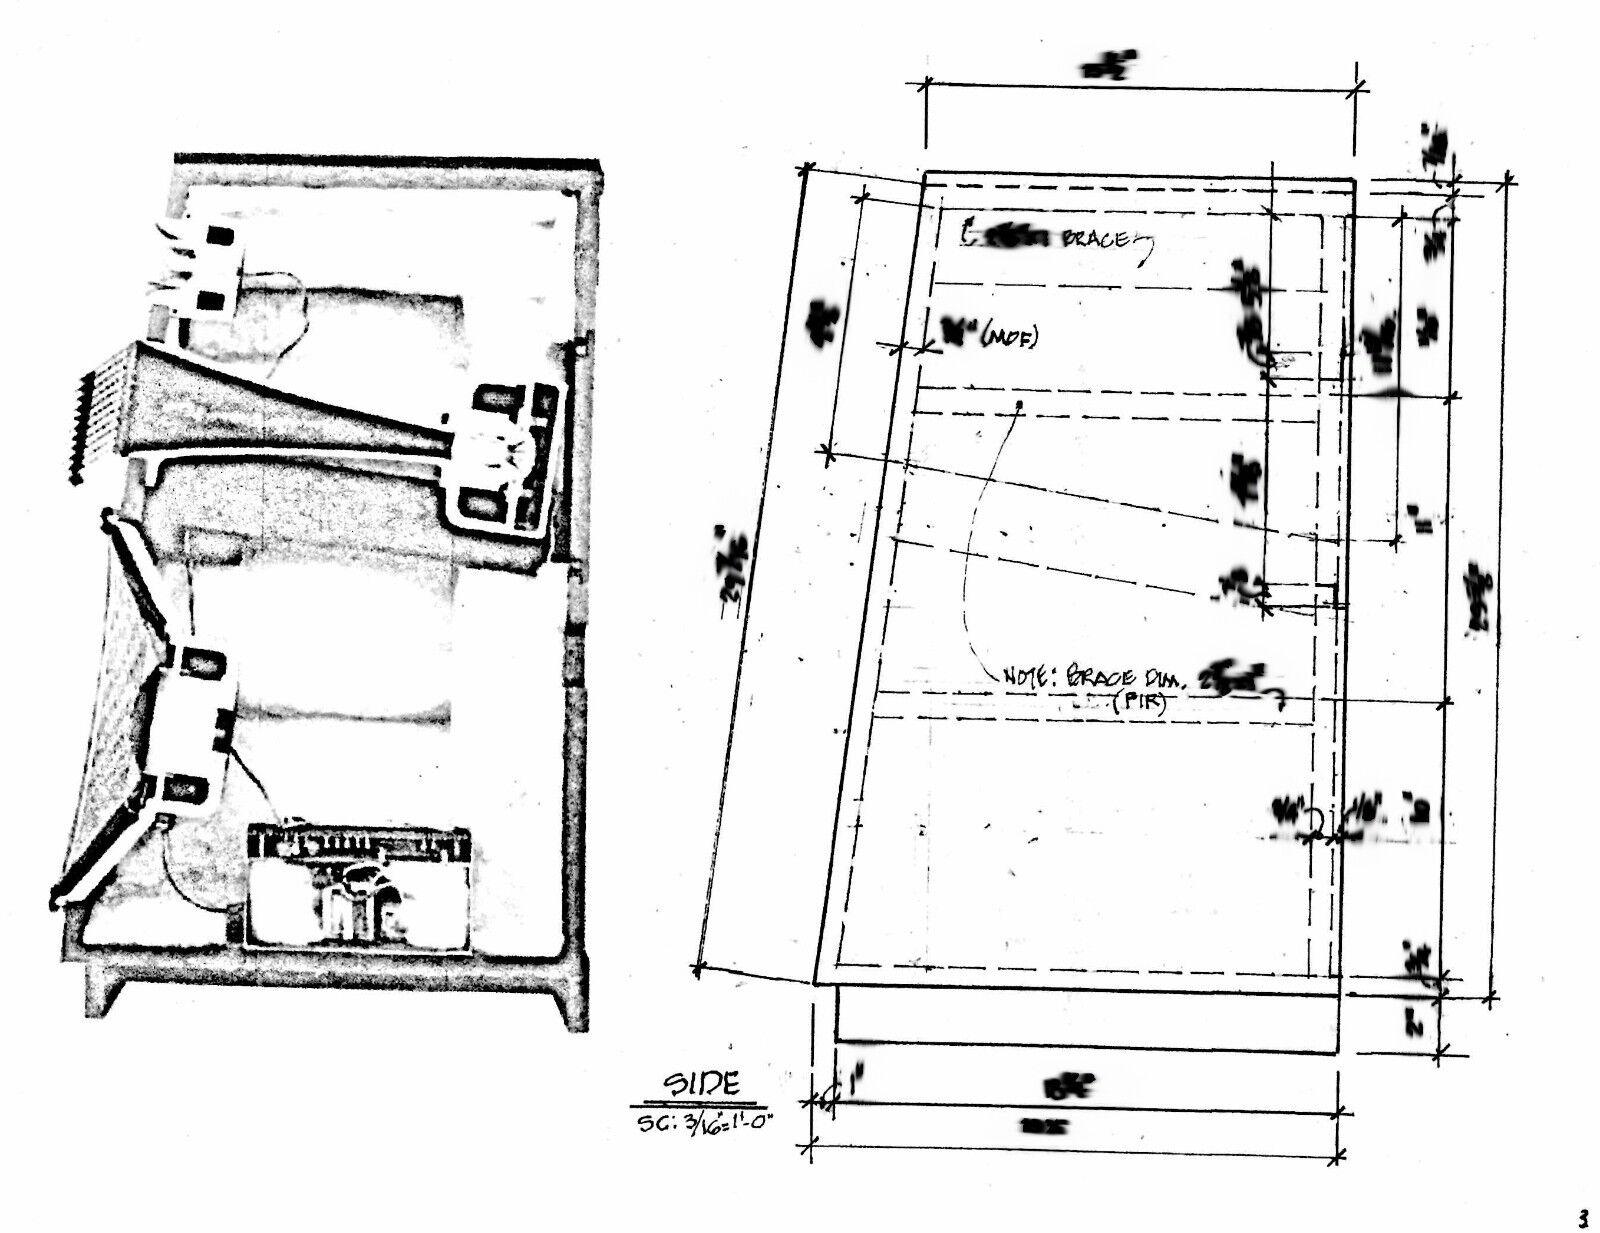 JBL L300 Summit Speaker Loudspeaker Cabinet Plans Drawings